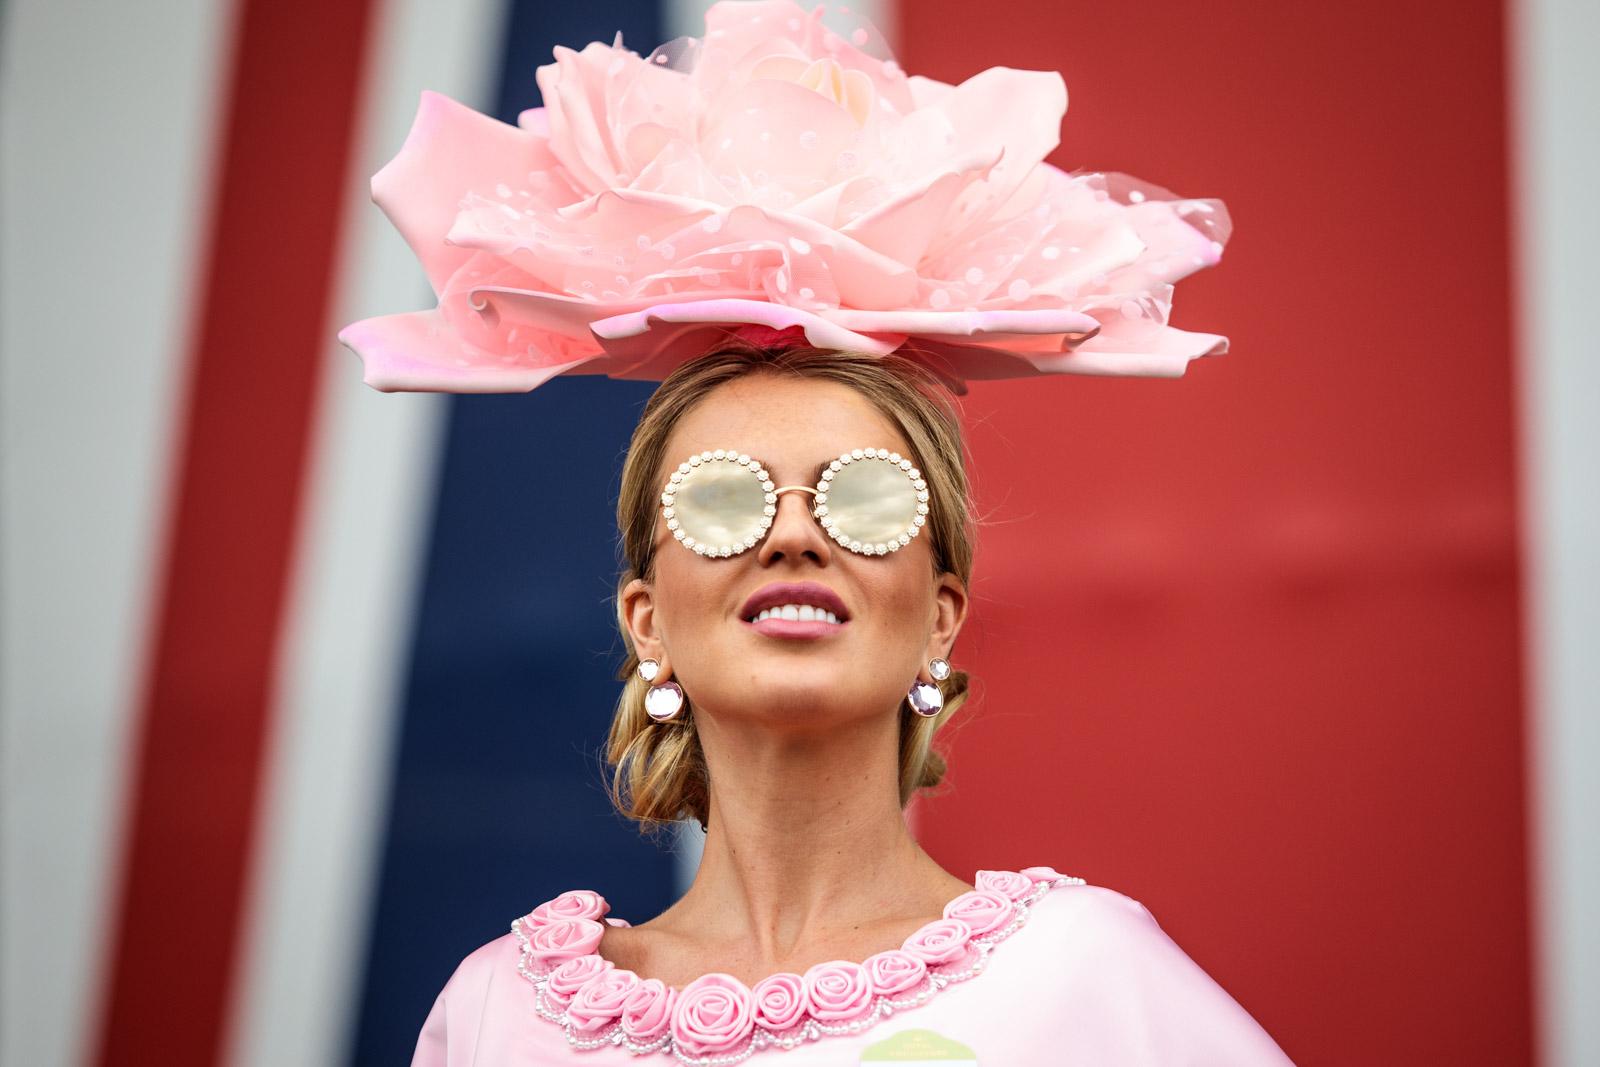 Model Natalia Kapchuk poses for a photograph at Royal Ascot 2017 at Ascot Racecourse on June 22, 2017 in Ascot.